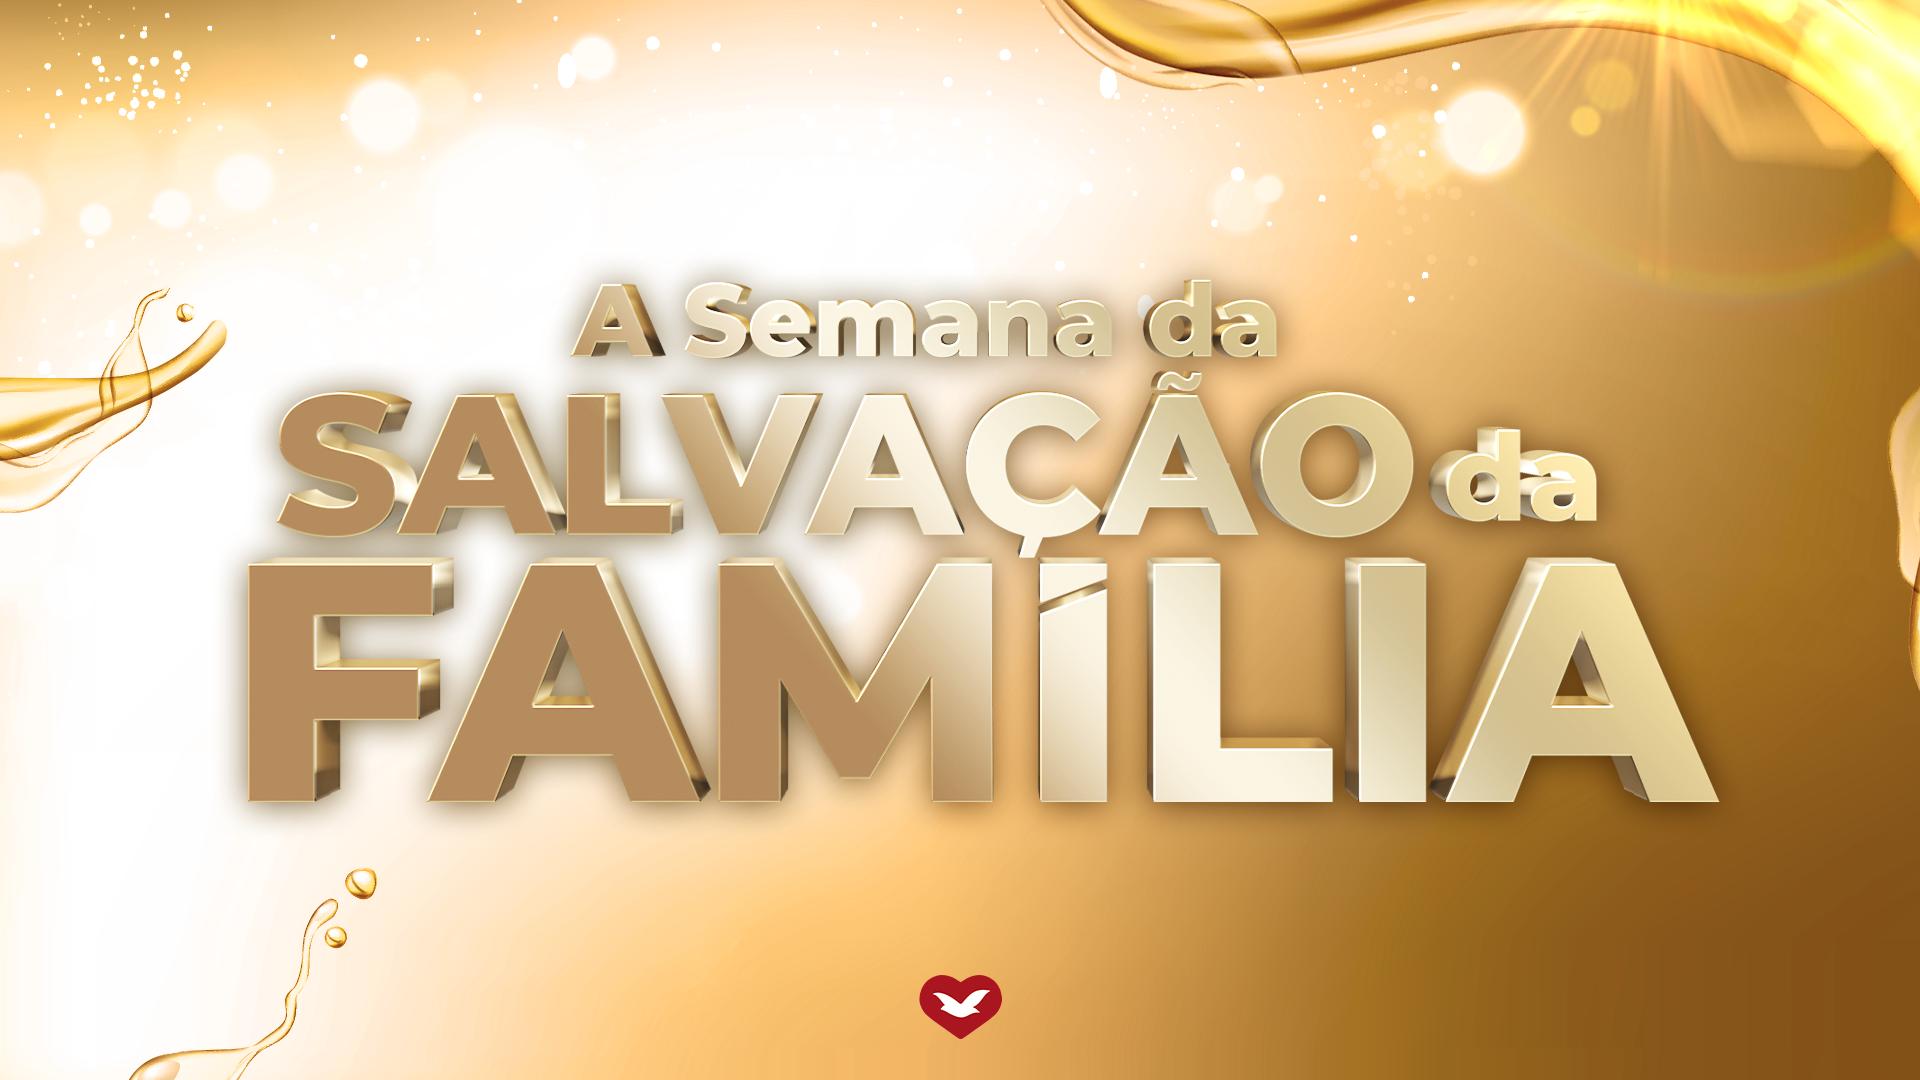 A Semana da Salvação da Família: participe dia 14 de fevereiro